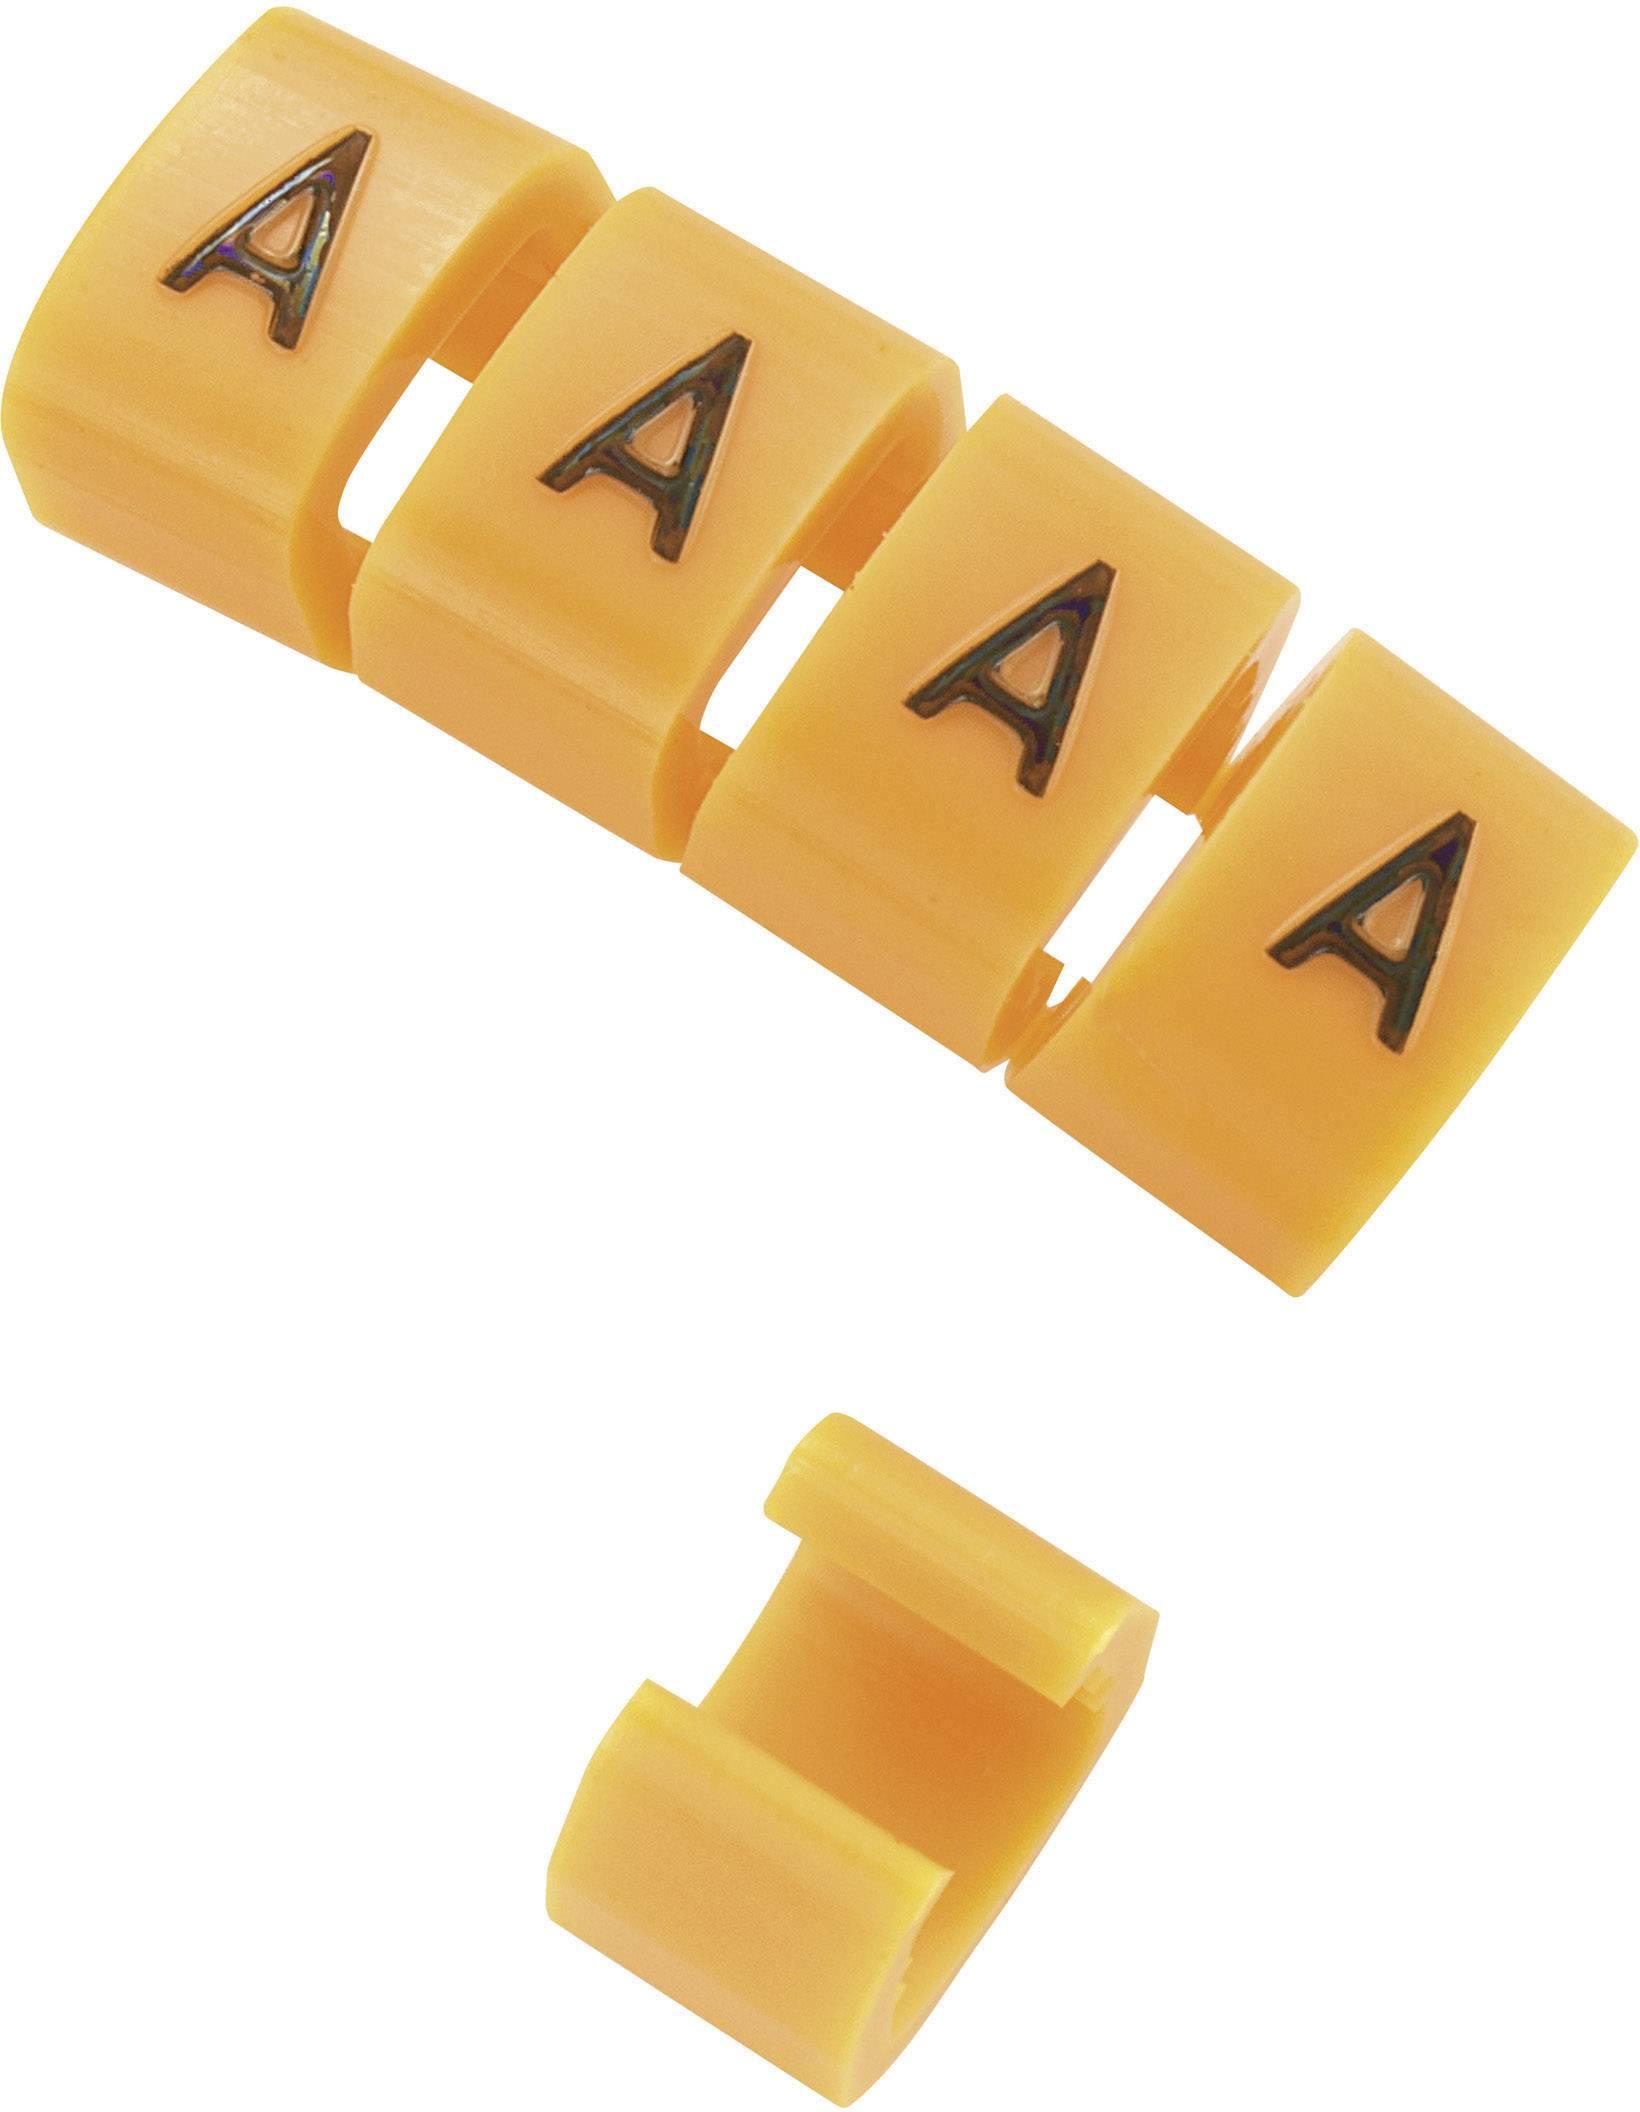 Označovacie objímka na káble KSS MB2/P, oranžová, 10 ks